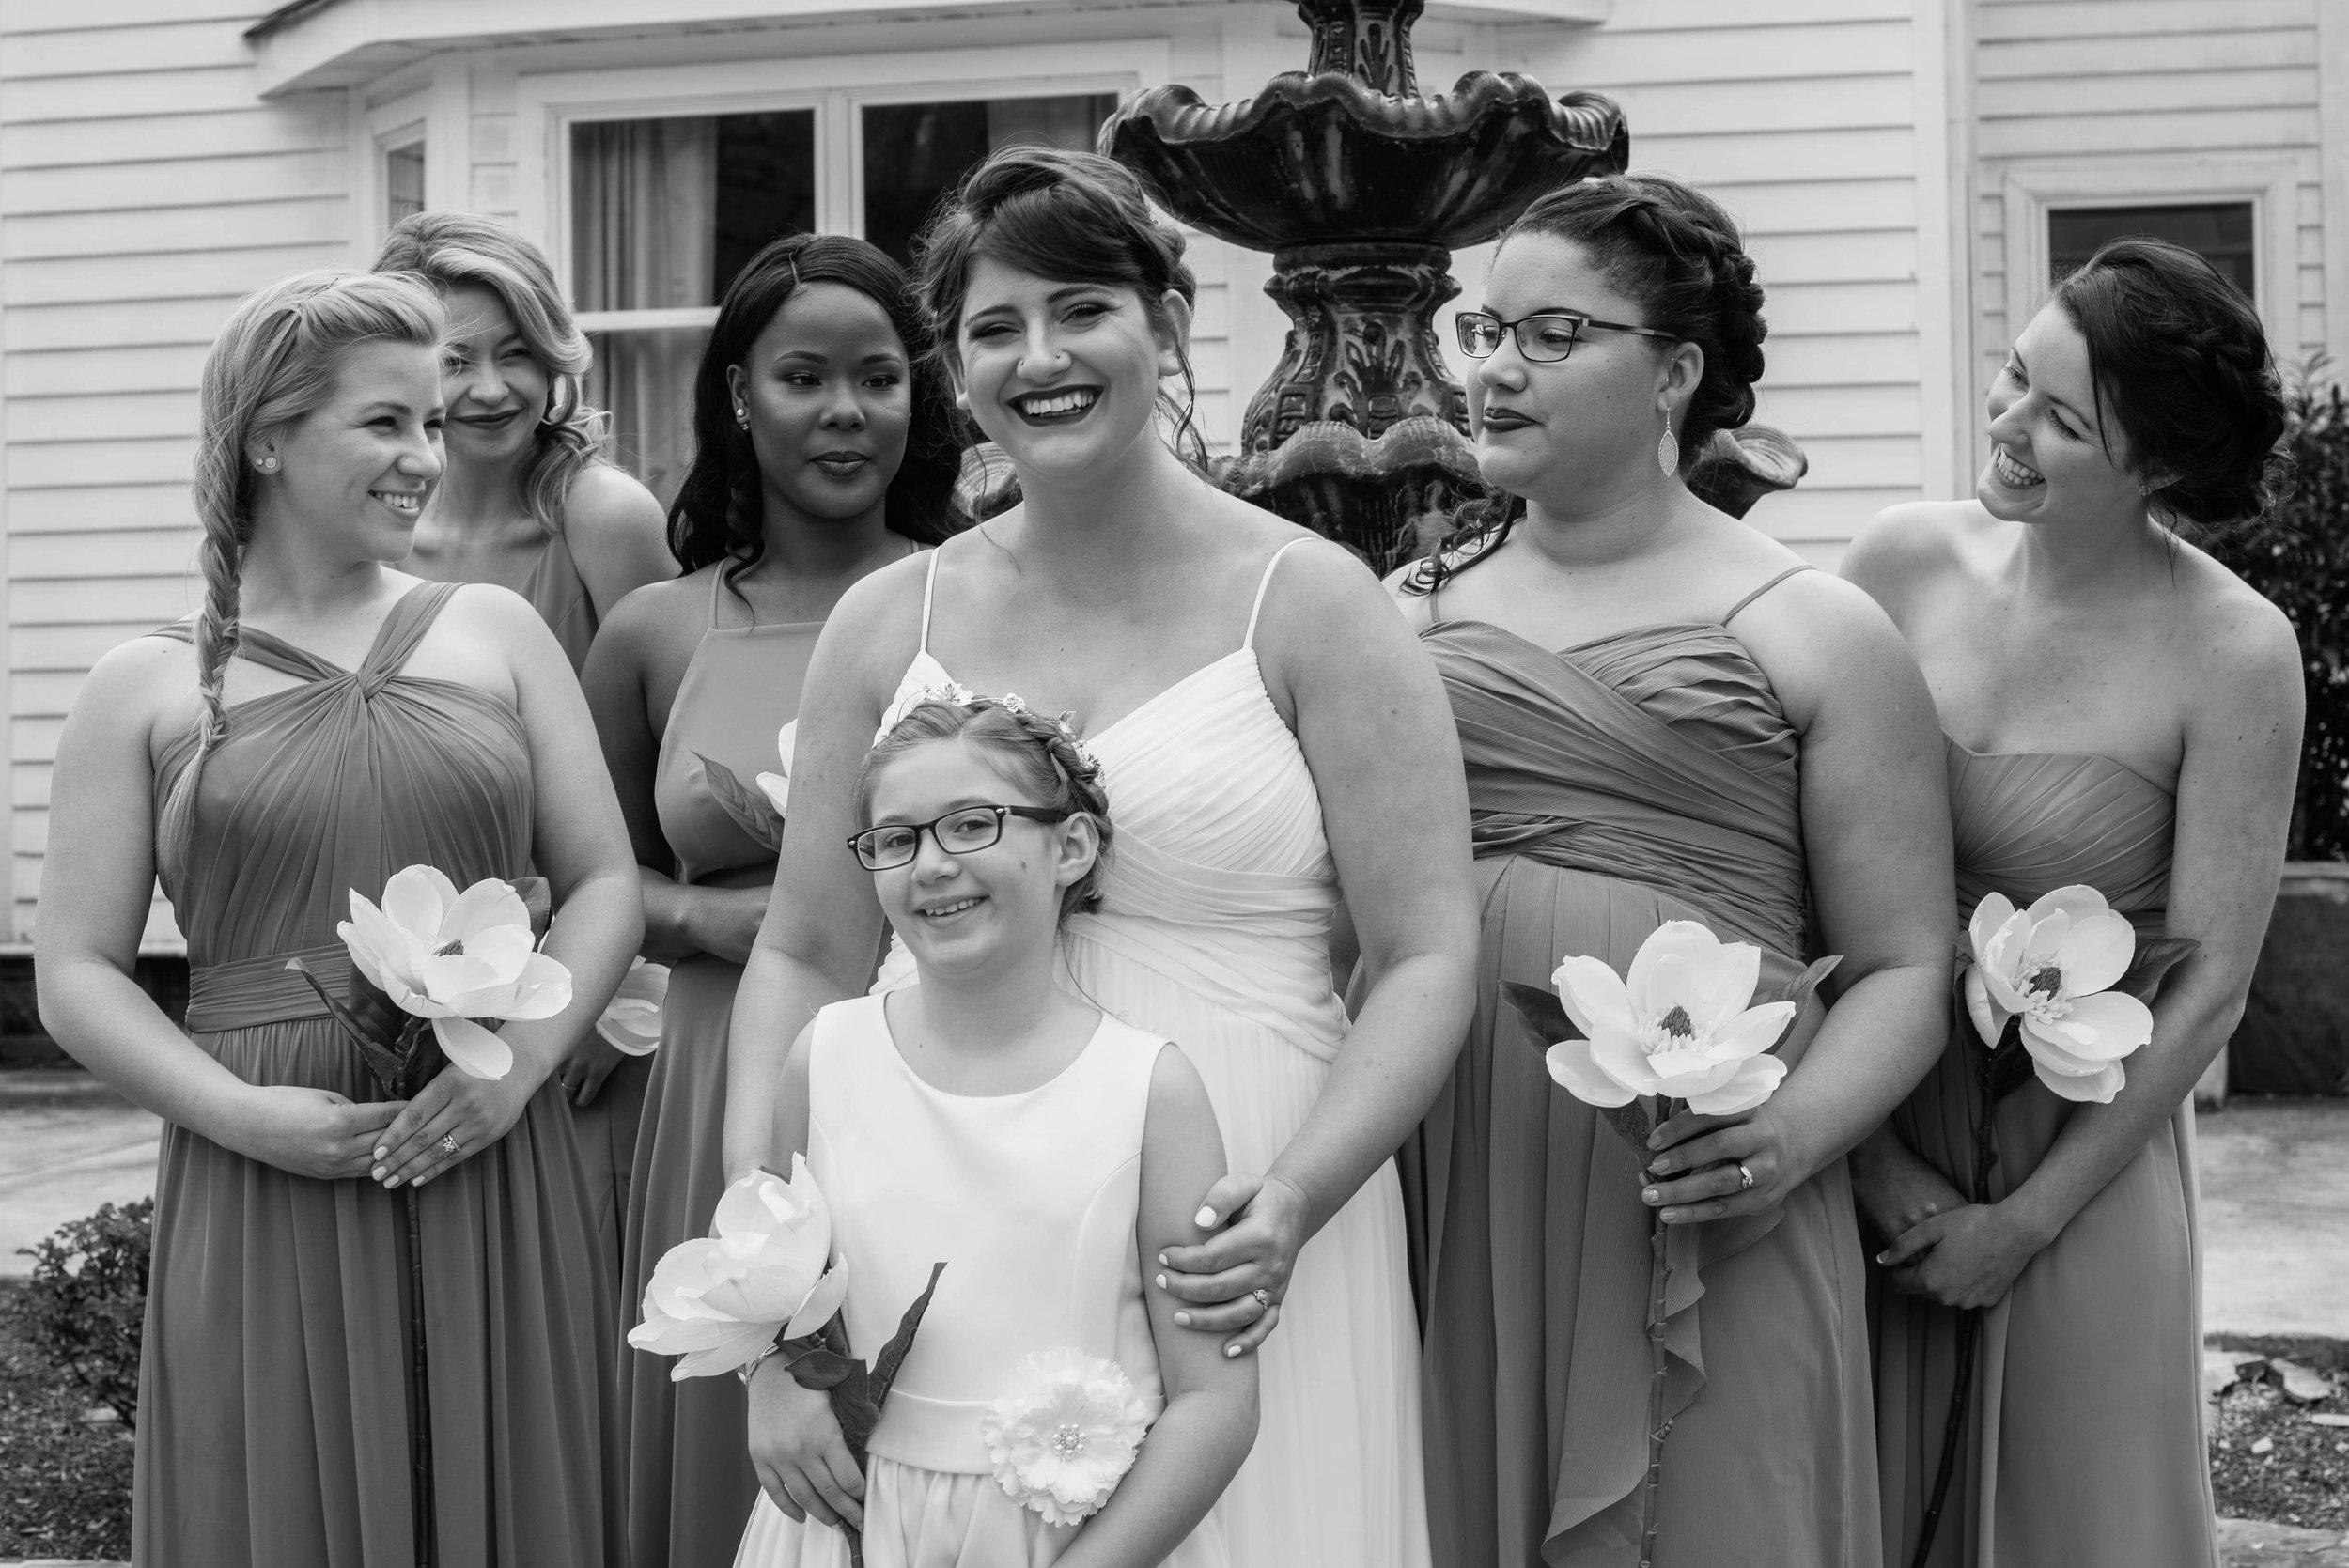 weddingpartyb&w-008.jpg